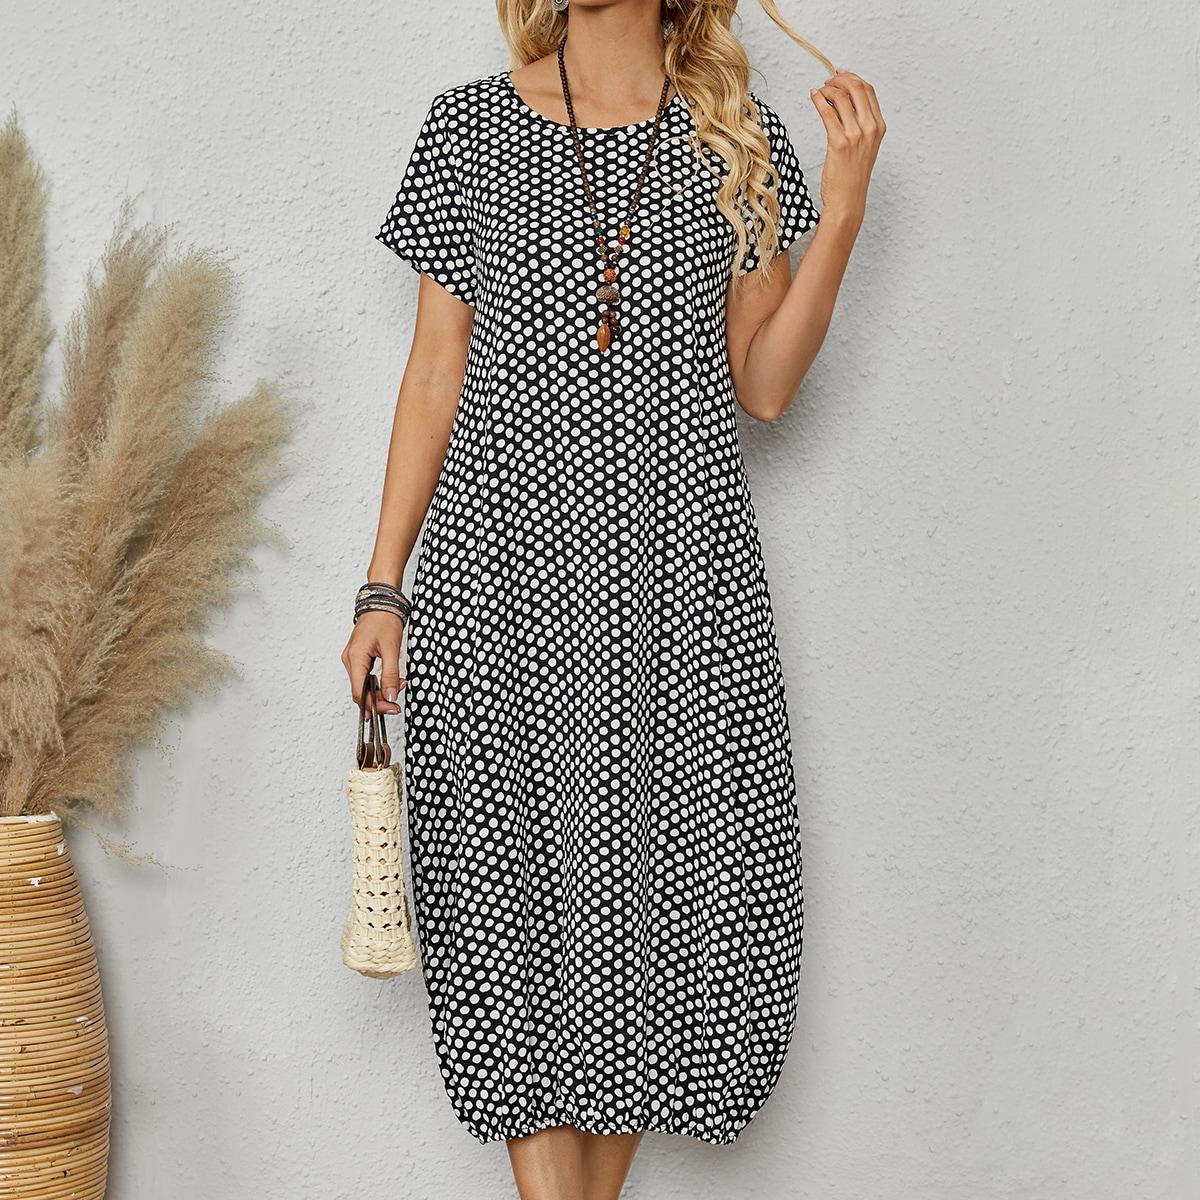 Платье в горошек SheIn sW210617489825497